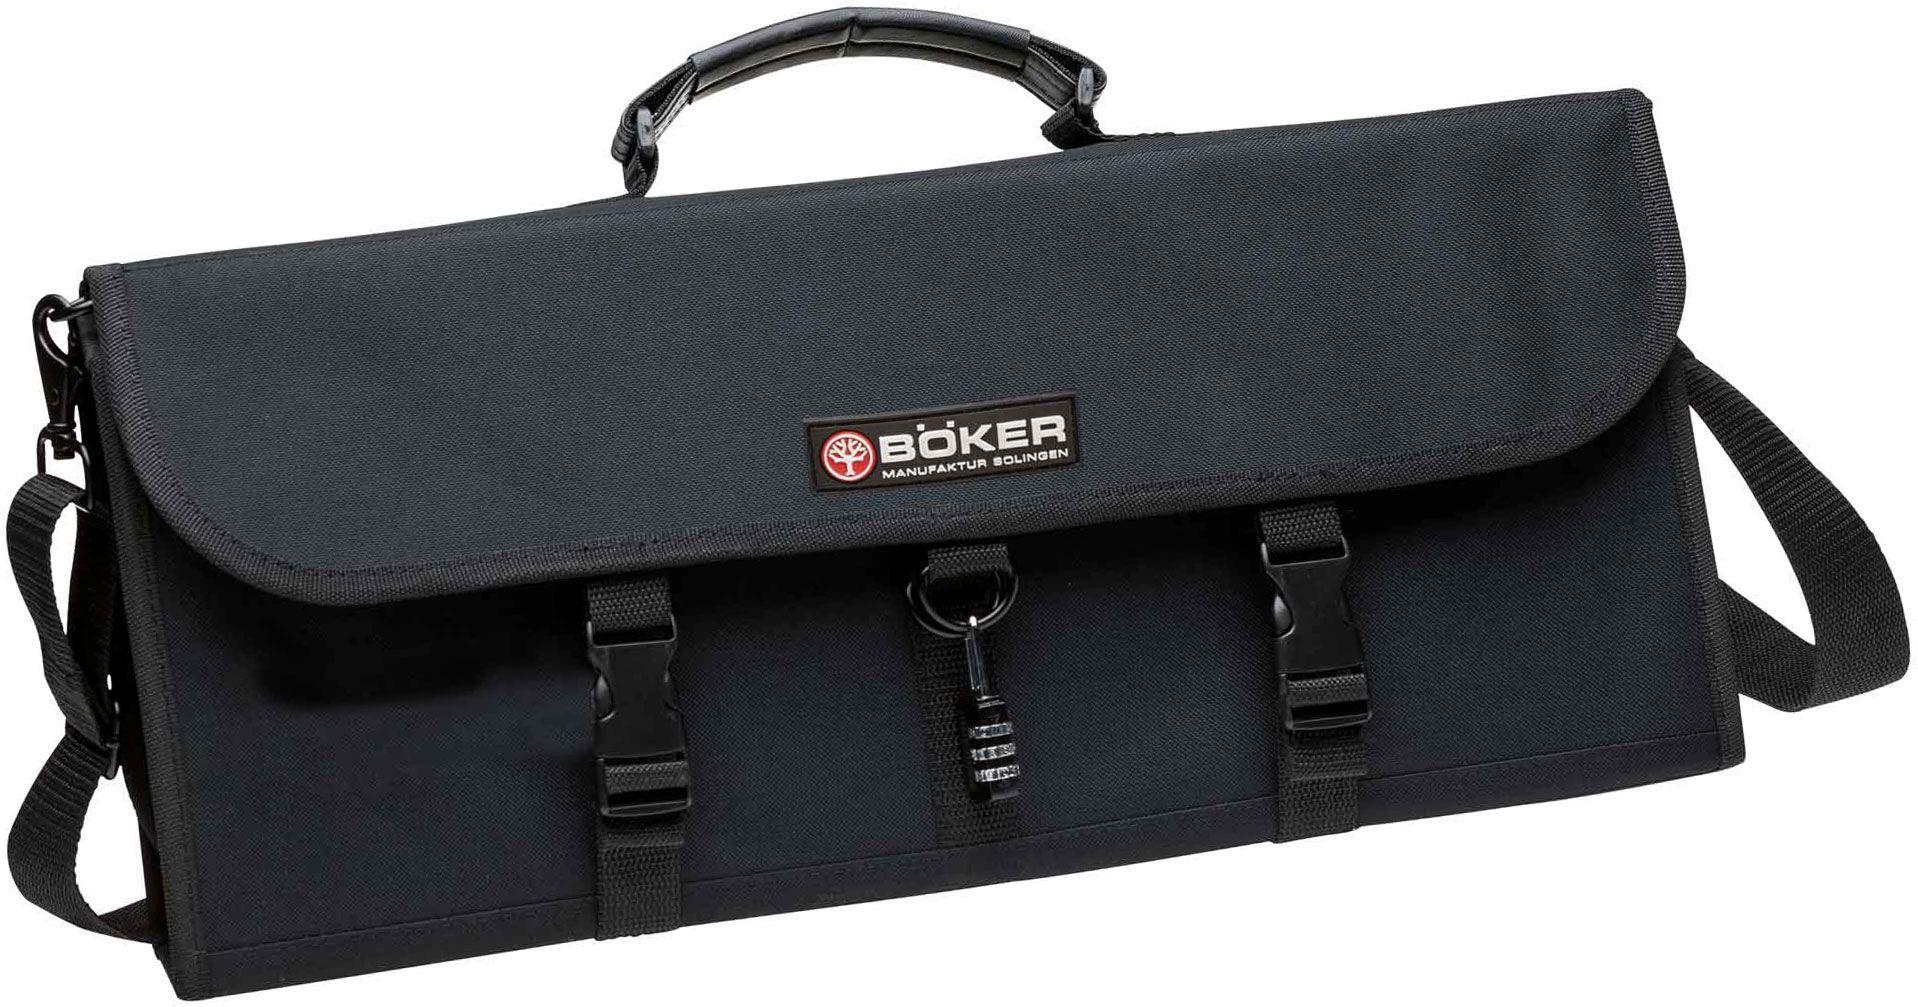 Boker Chef's Nylon Carry Case, Black